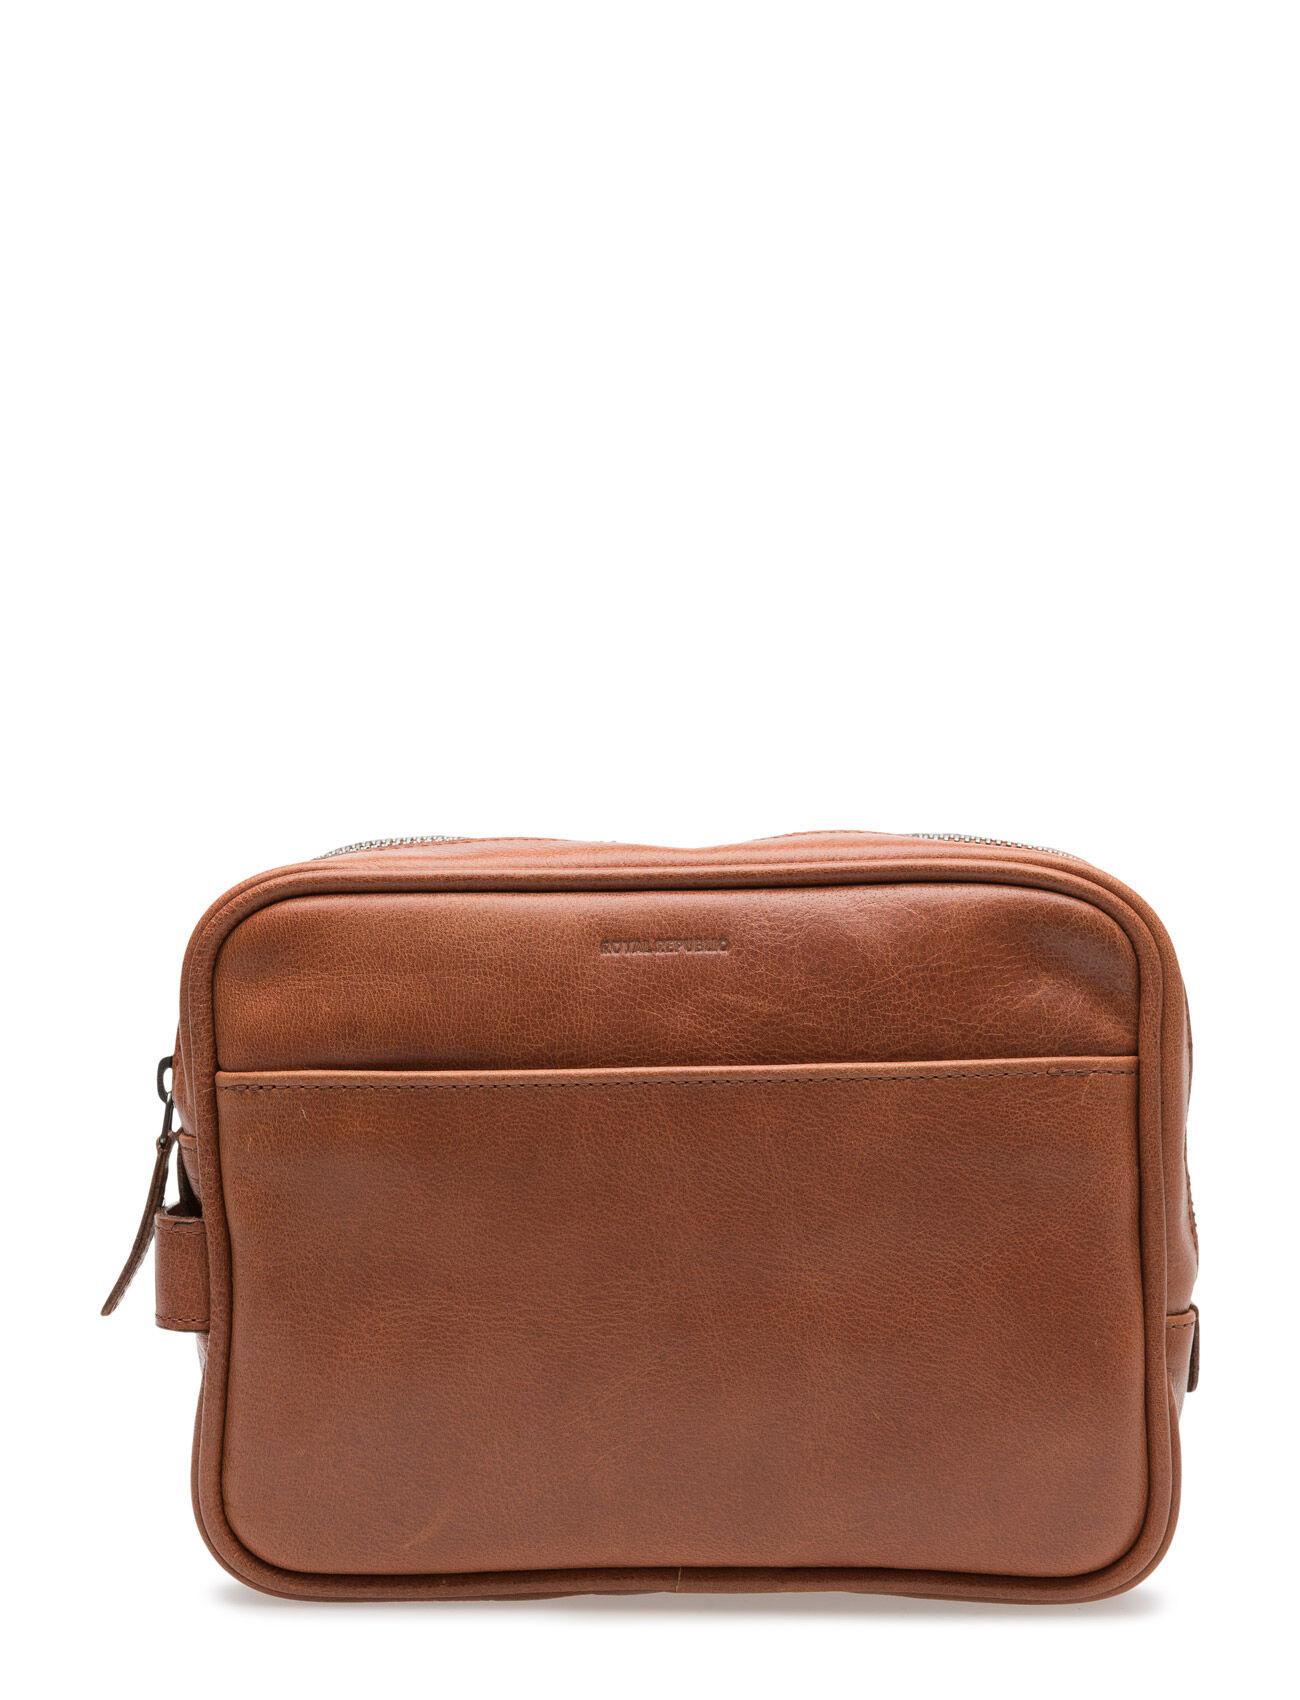 Royal RepubliQ Explorer Toilet Bag Mini